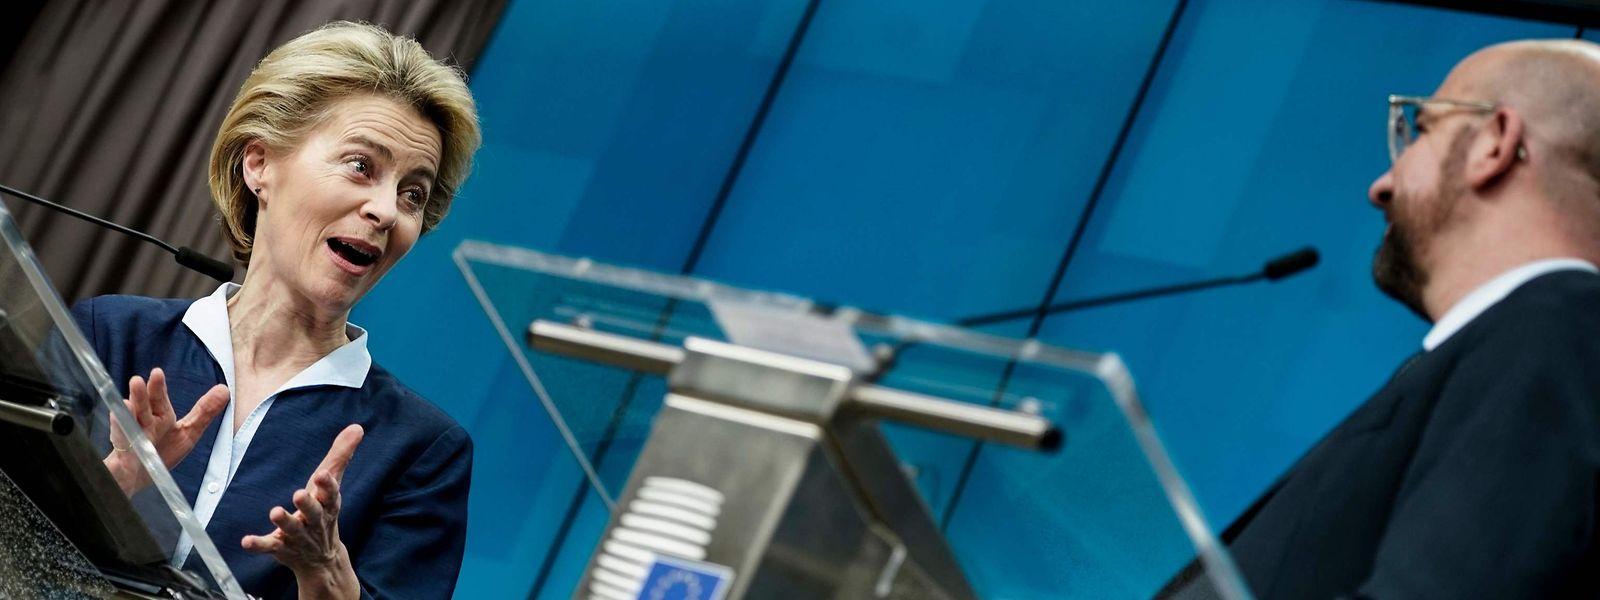 Das neue EU-Führungsduo Ursula von der Leyen und Charles Michel erlebte eine schwierige Gipfel-Premiere.